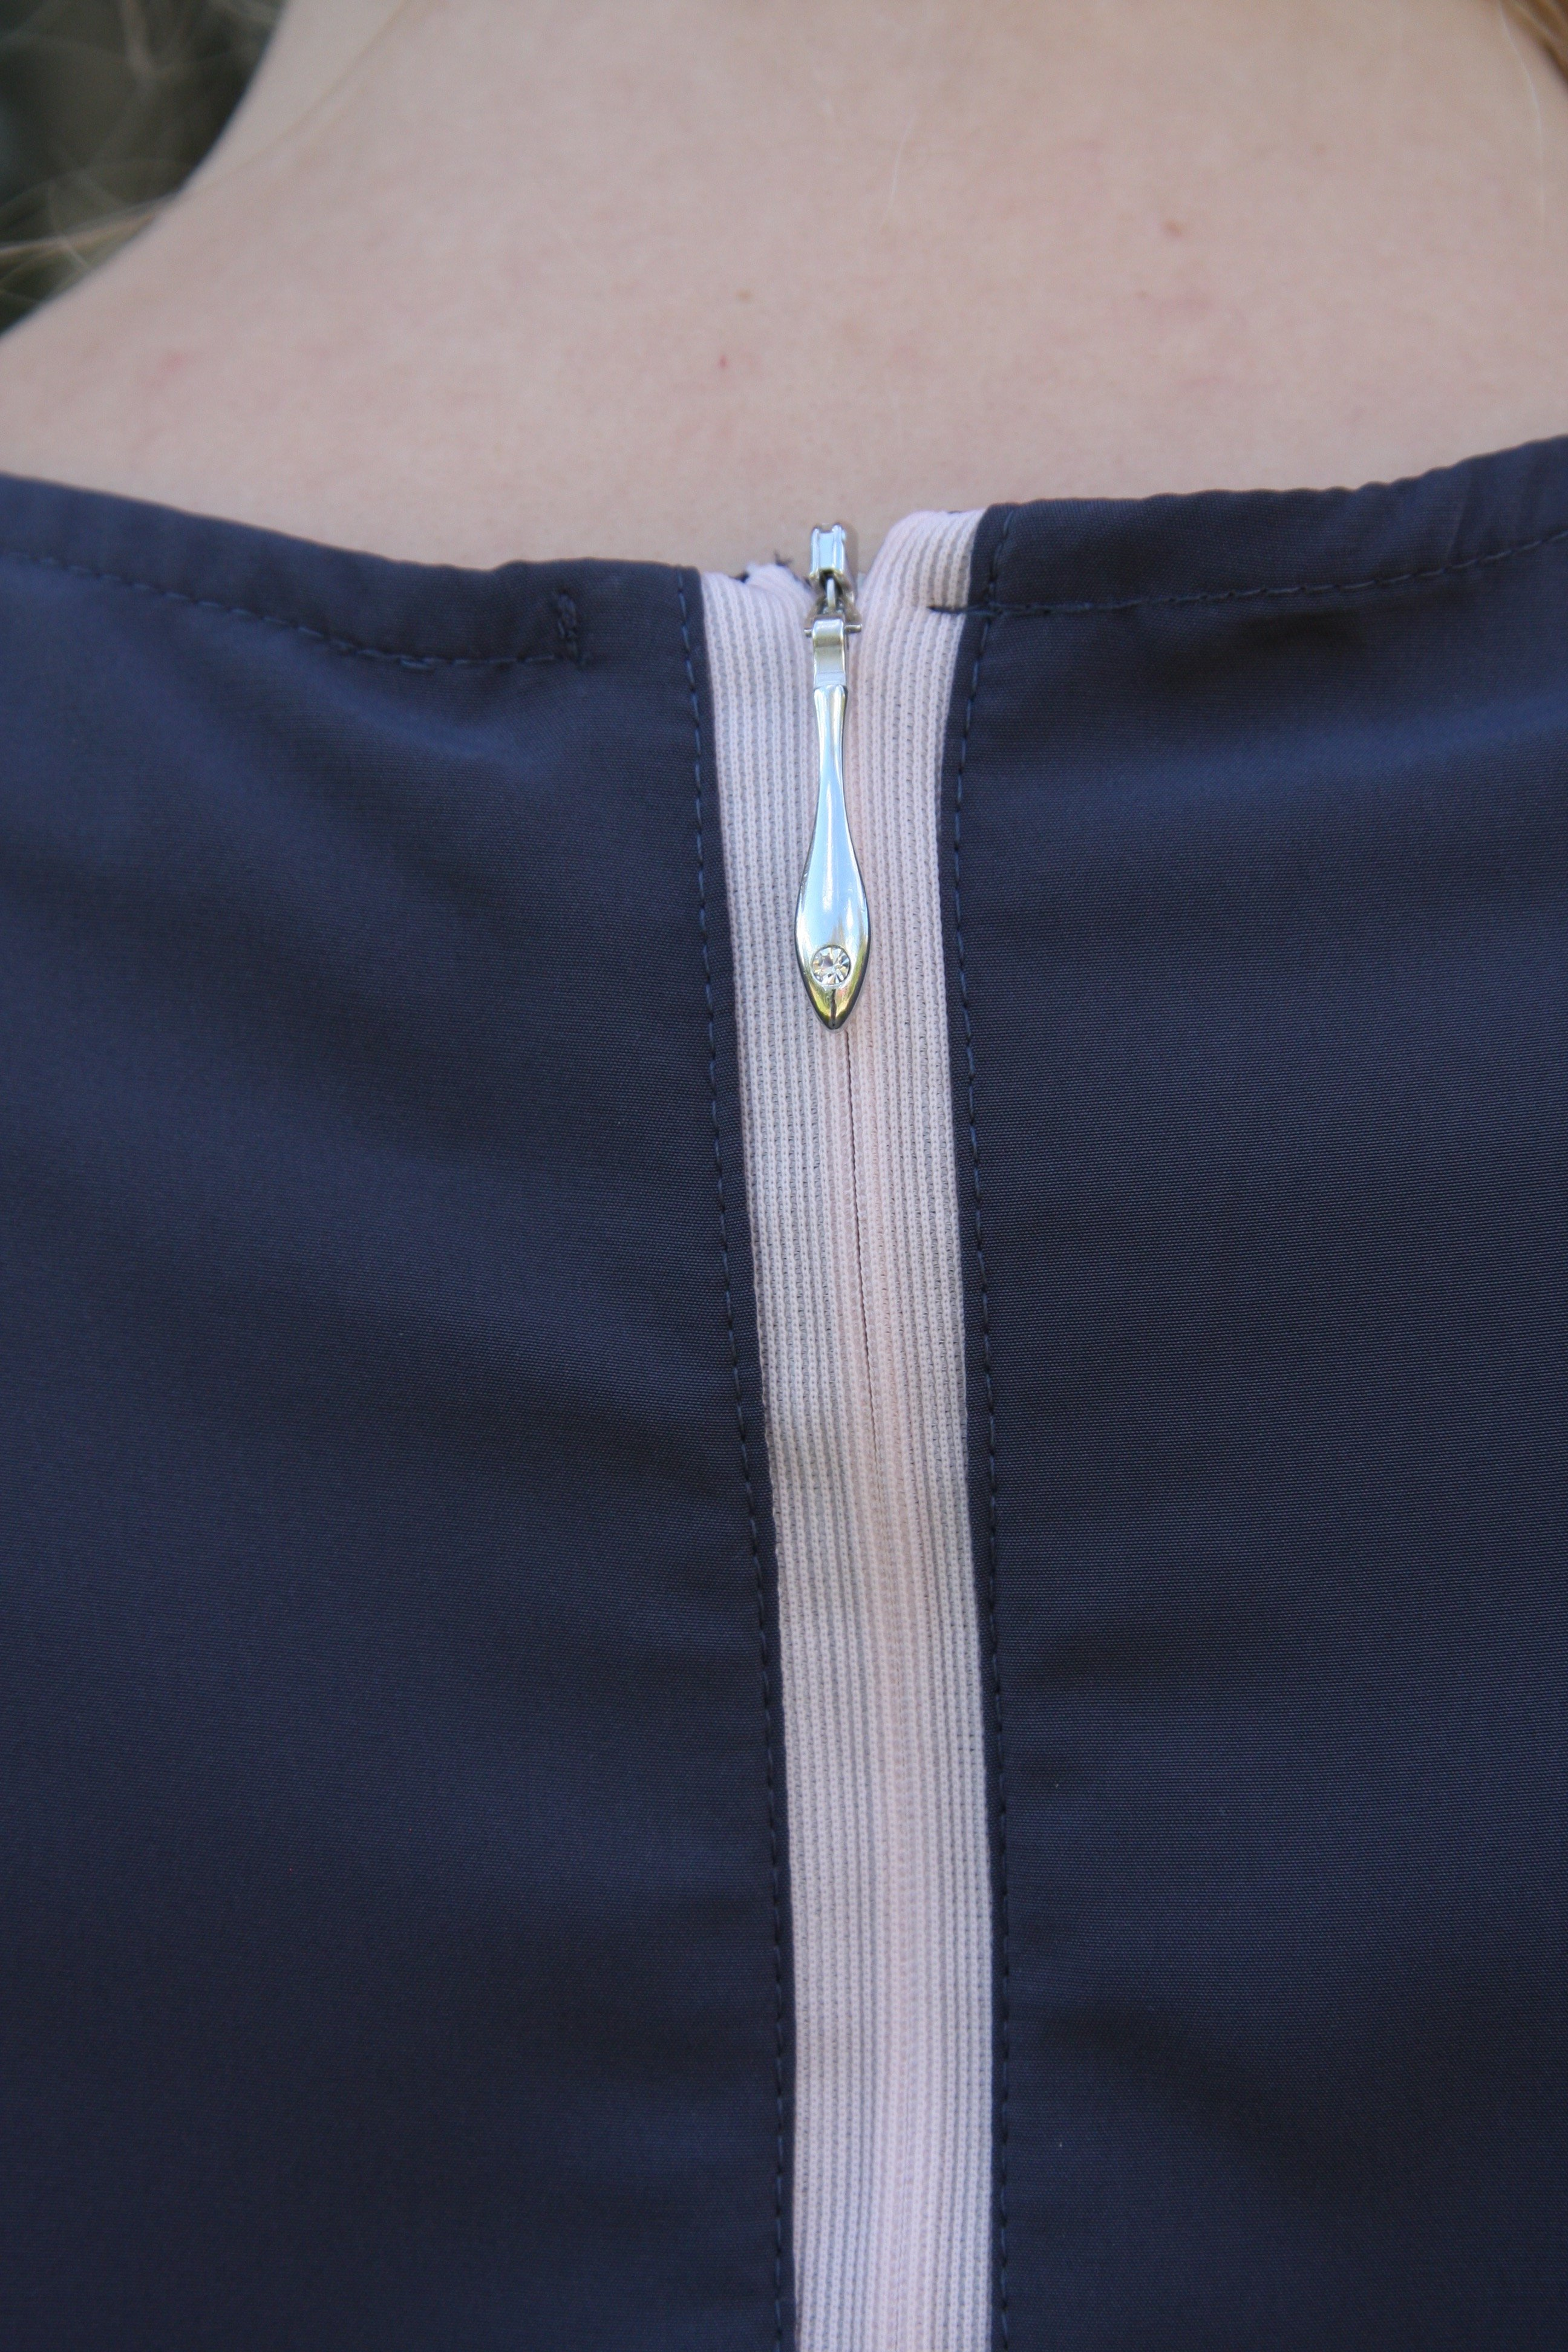 Alexandra blågrå med rosa dragkedja i nacken med fin hängare. Närbild på dragkedja.